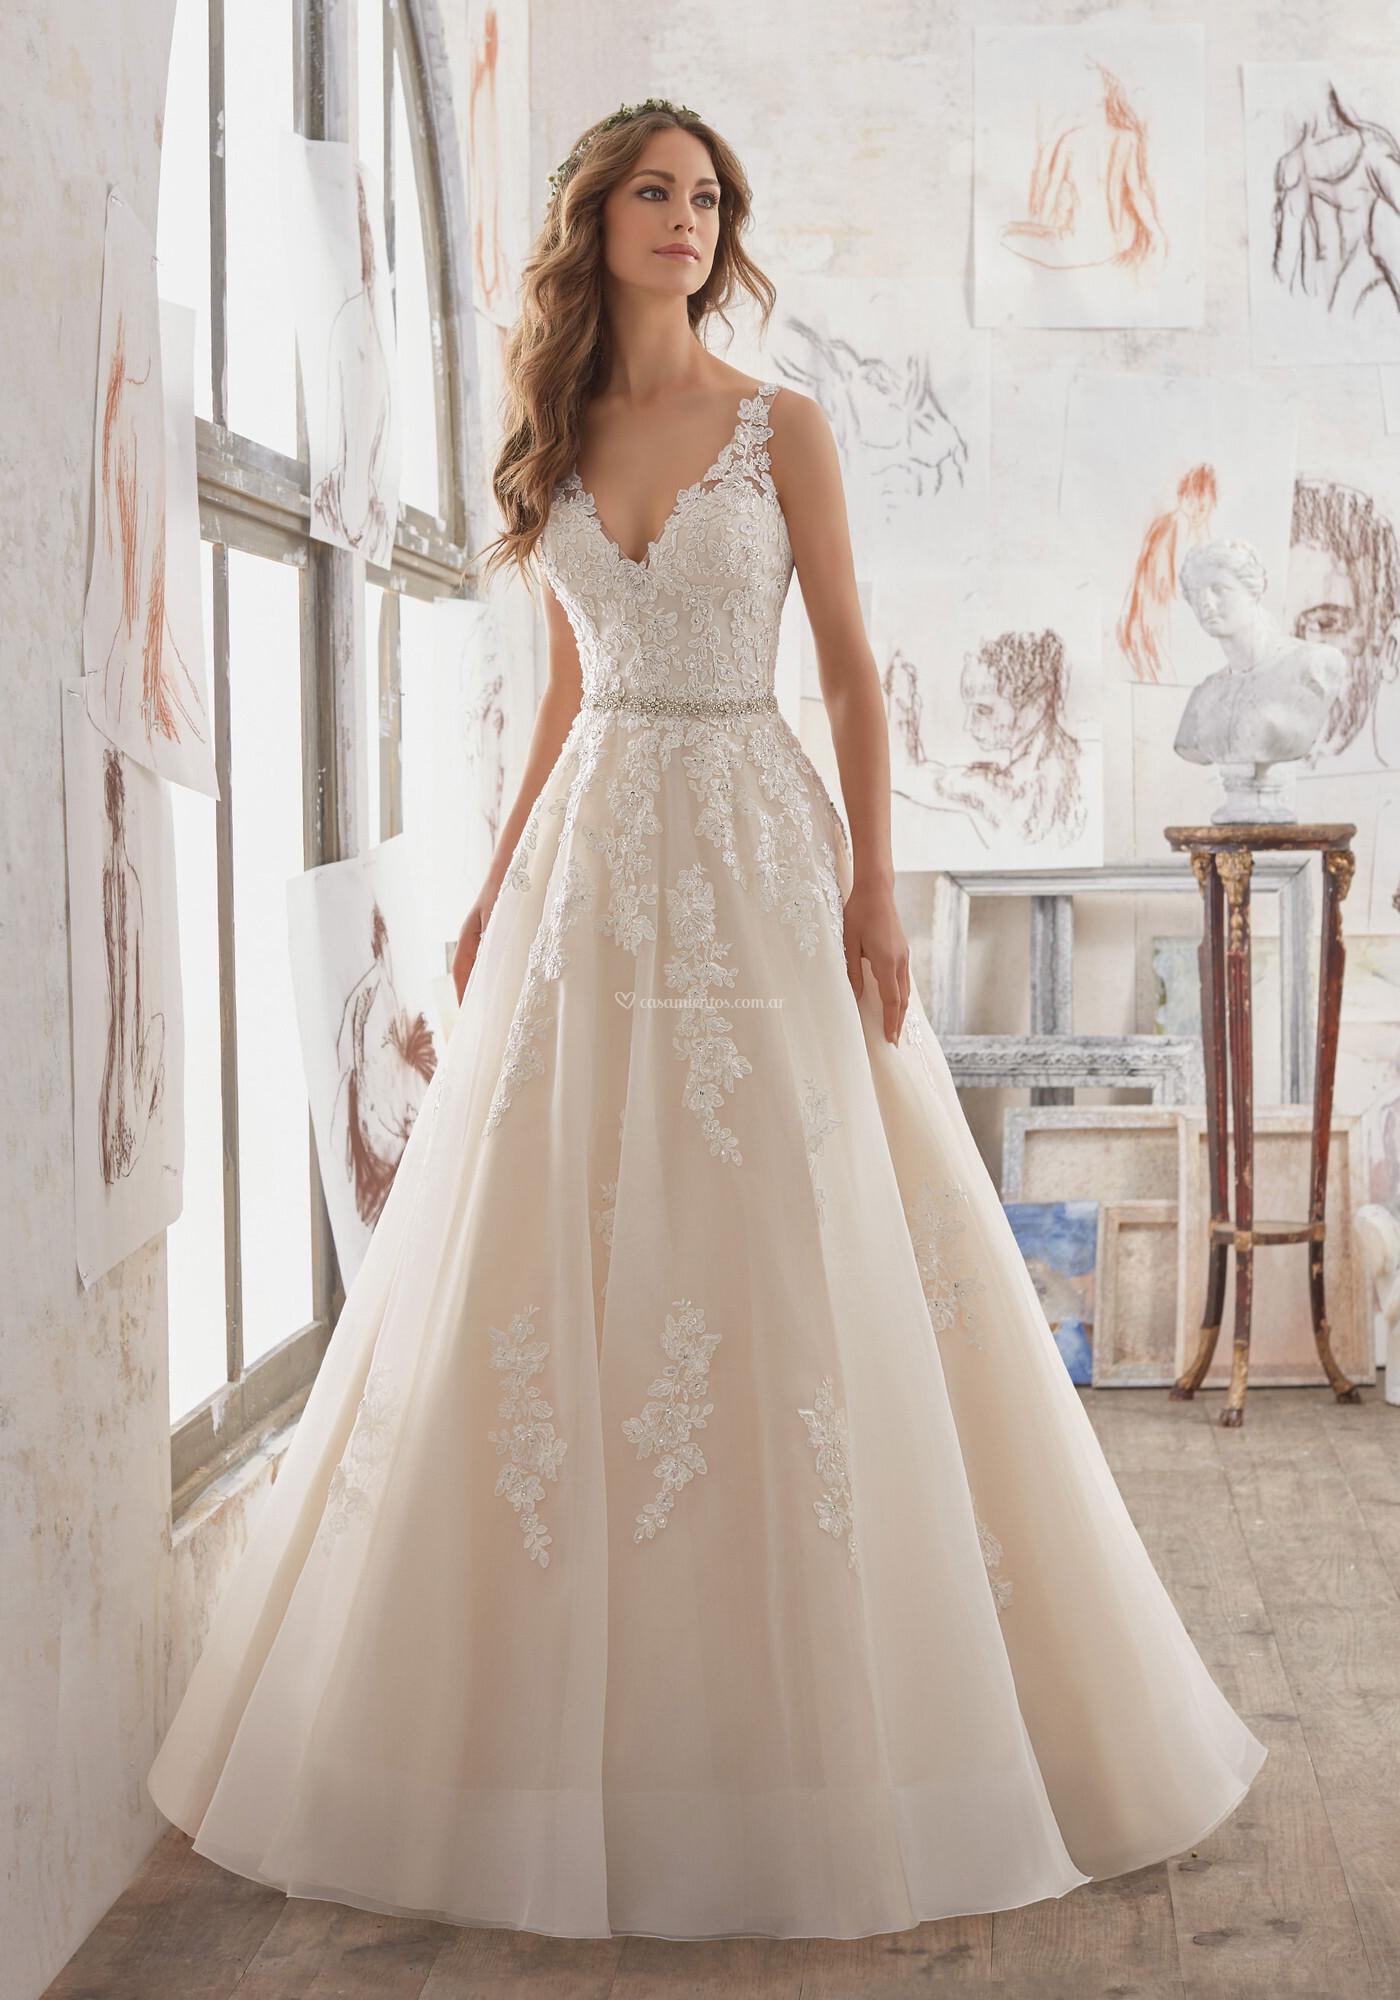 Vestido de Novia de Morilee - Martina